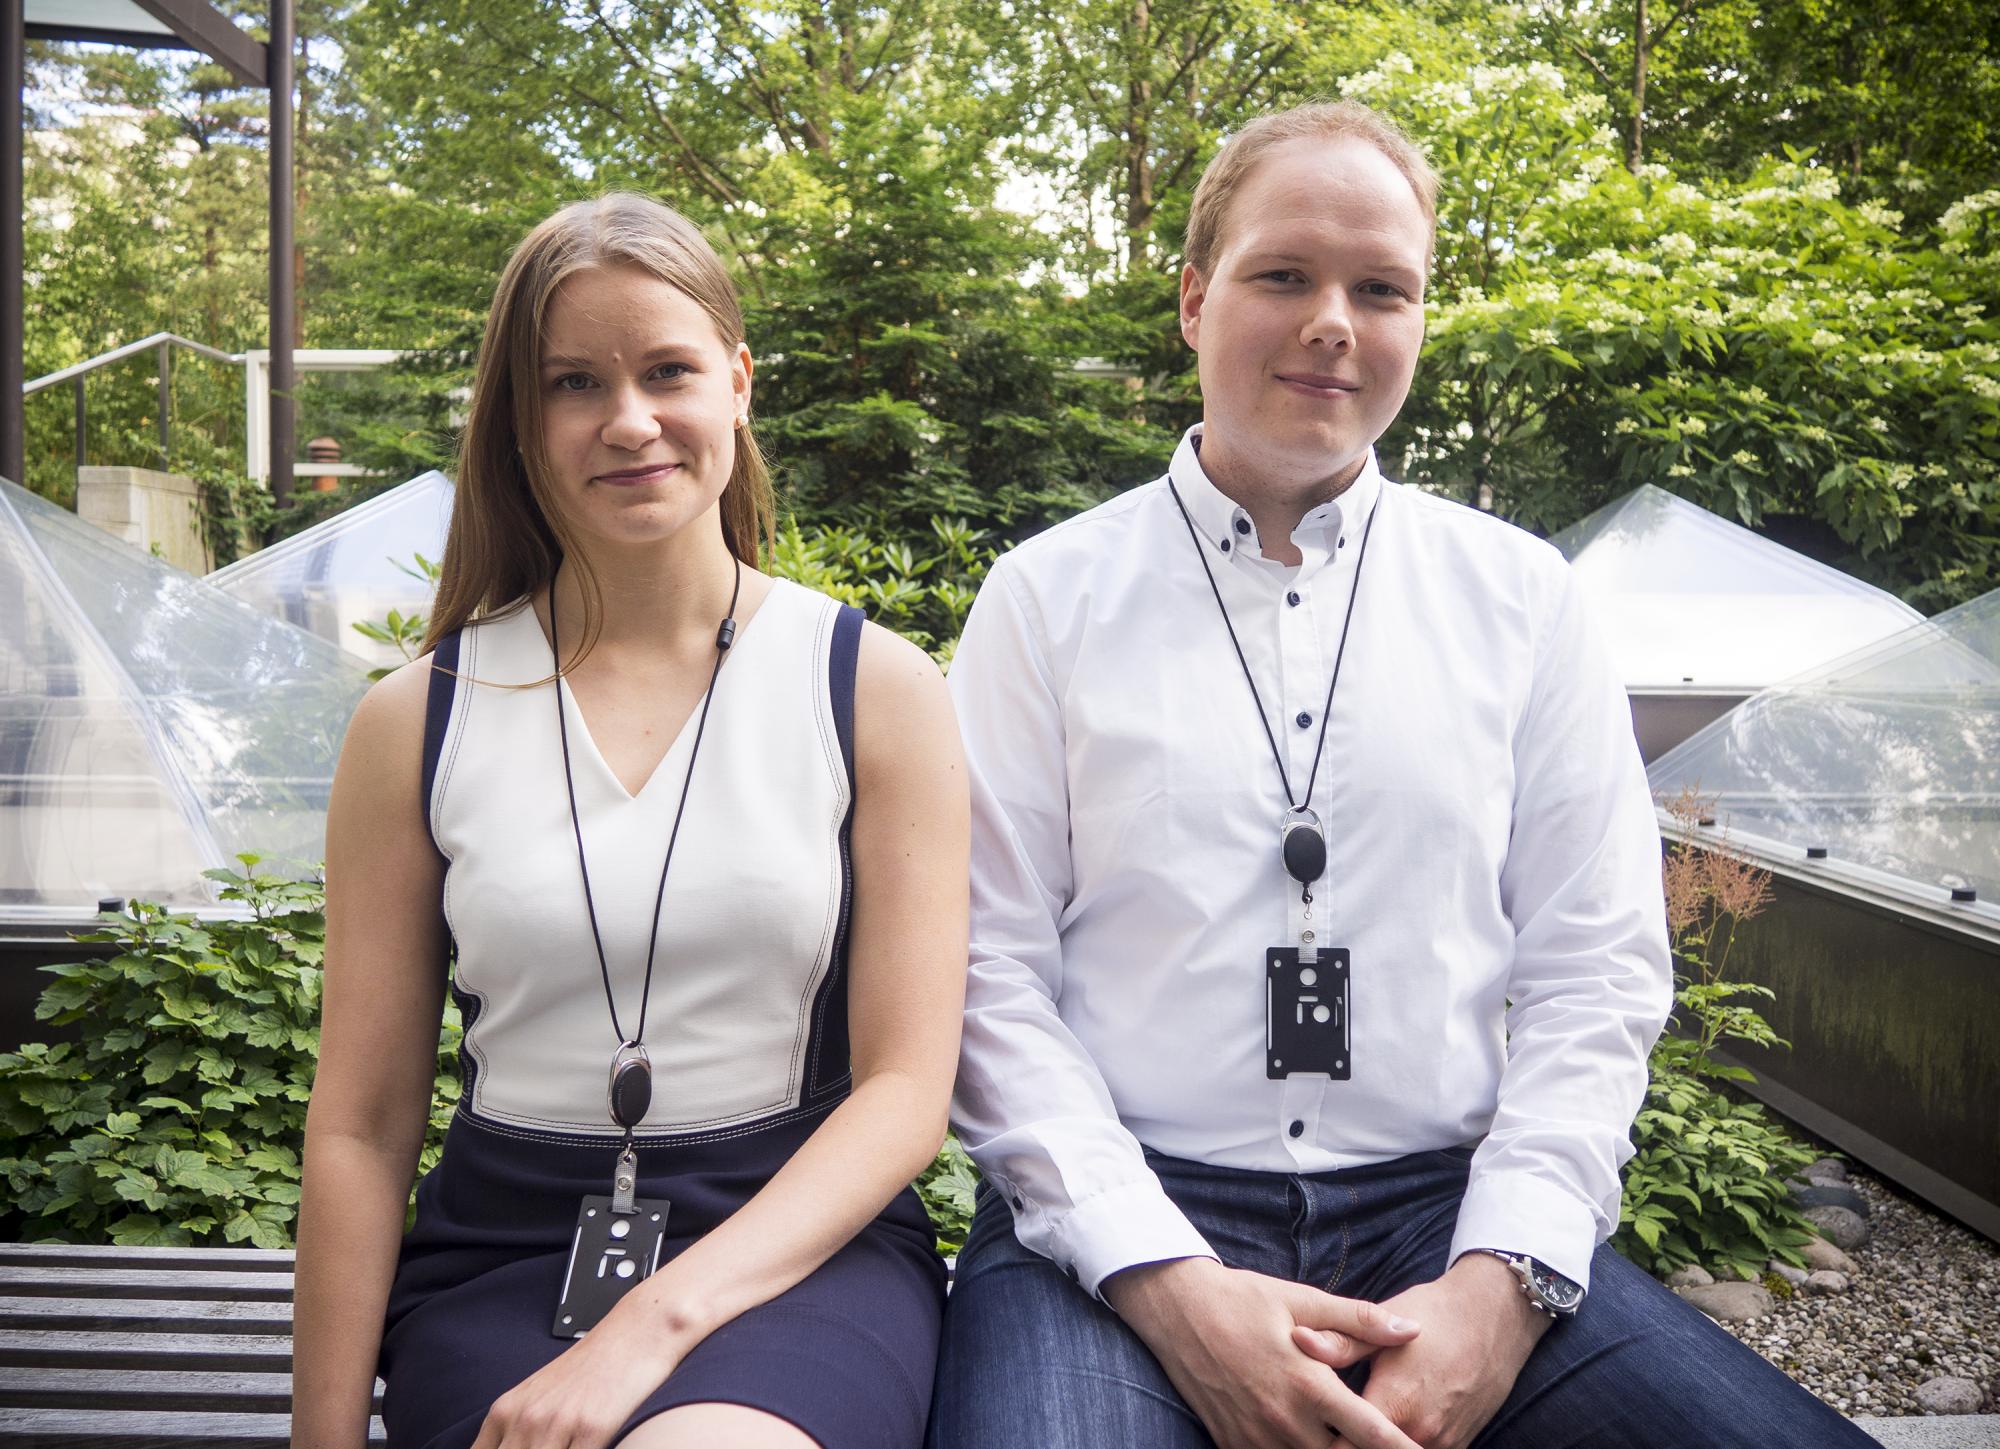 Työeläkeyhtiö Elo tarjoaa vastuuta ja vaihtelevia työtehtäviä. Kuva: Sonja Taipale